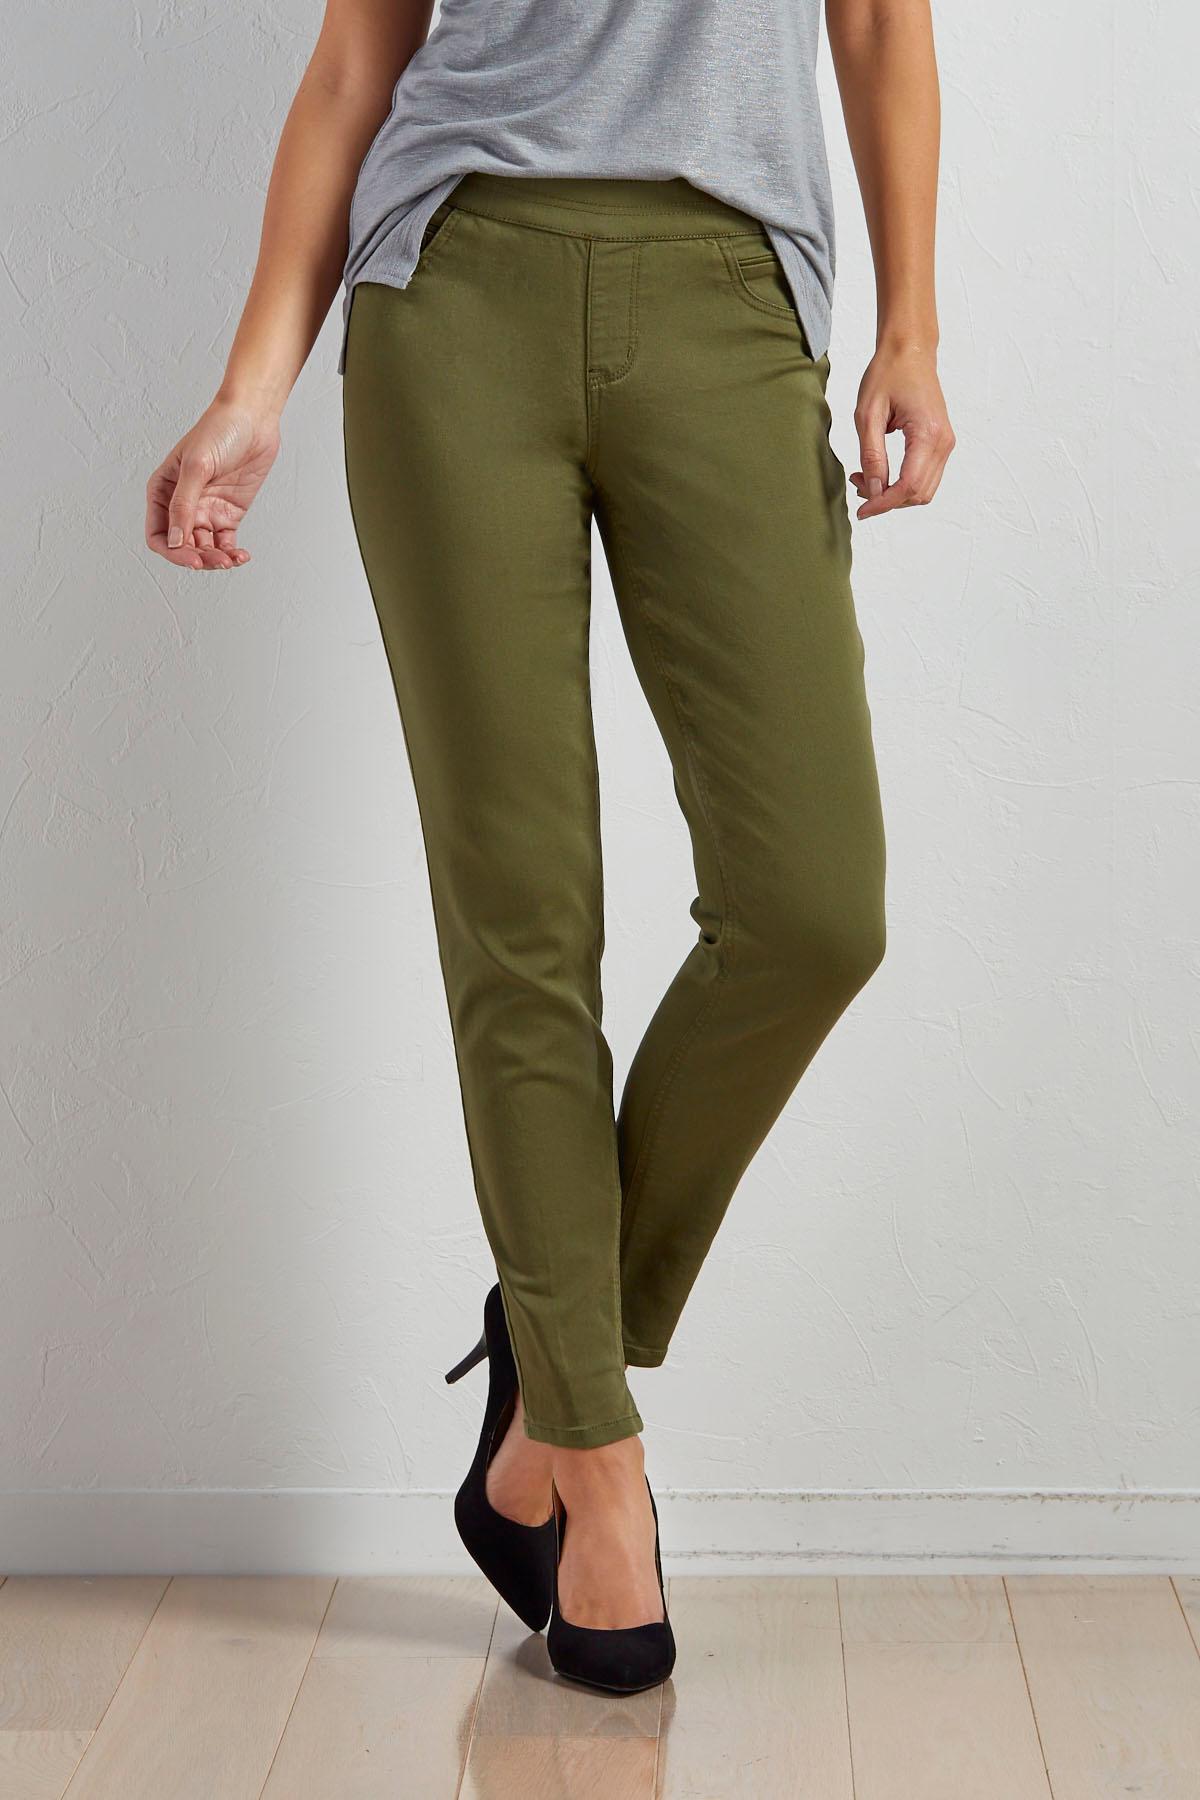 Twill Pull- On Skinny Pants